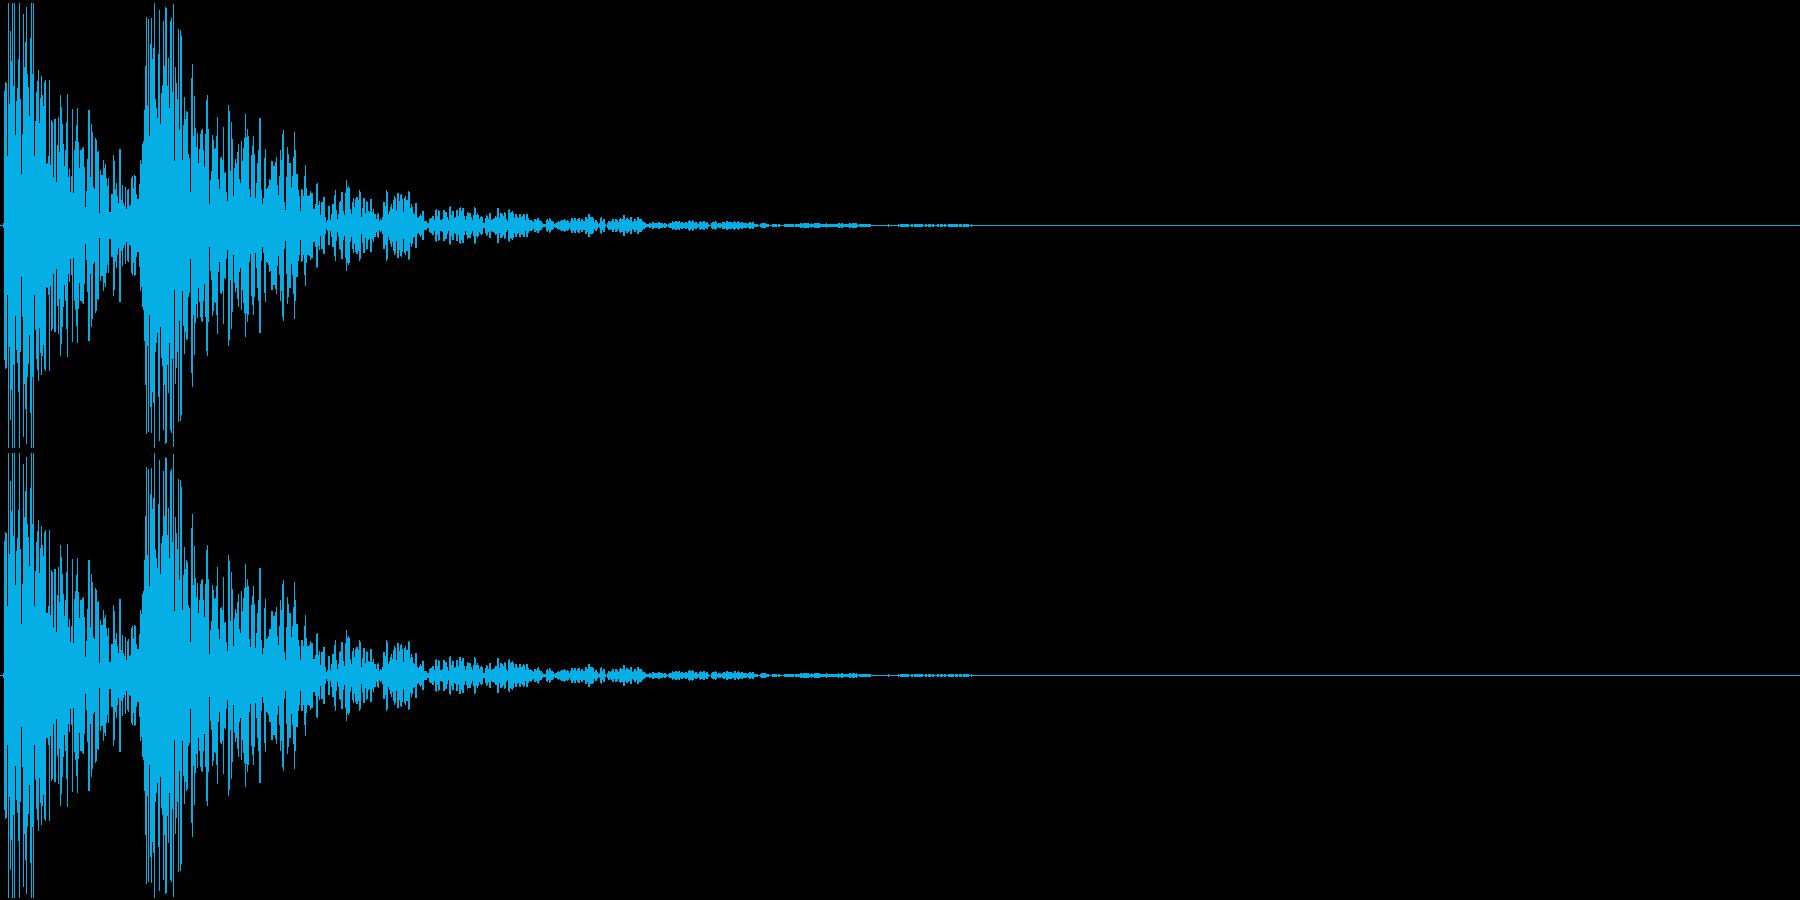 [[ドンドン!]] 和太鼓の音 2発の再生済みの波形